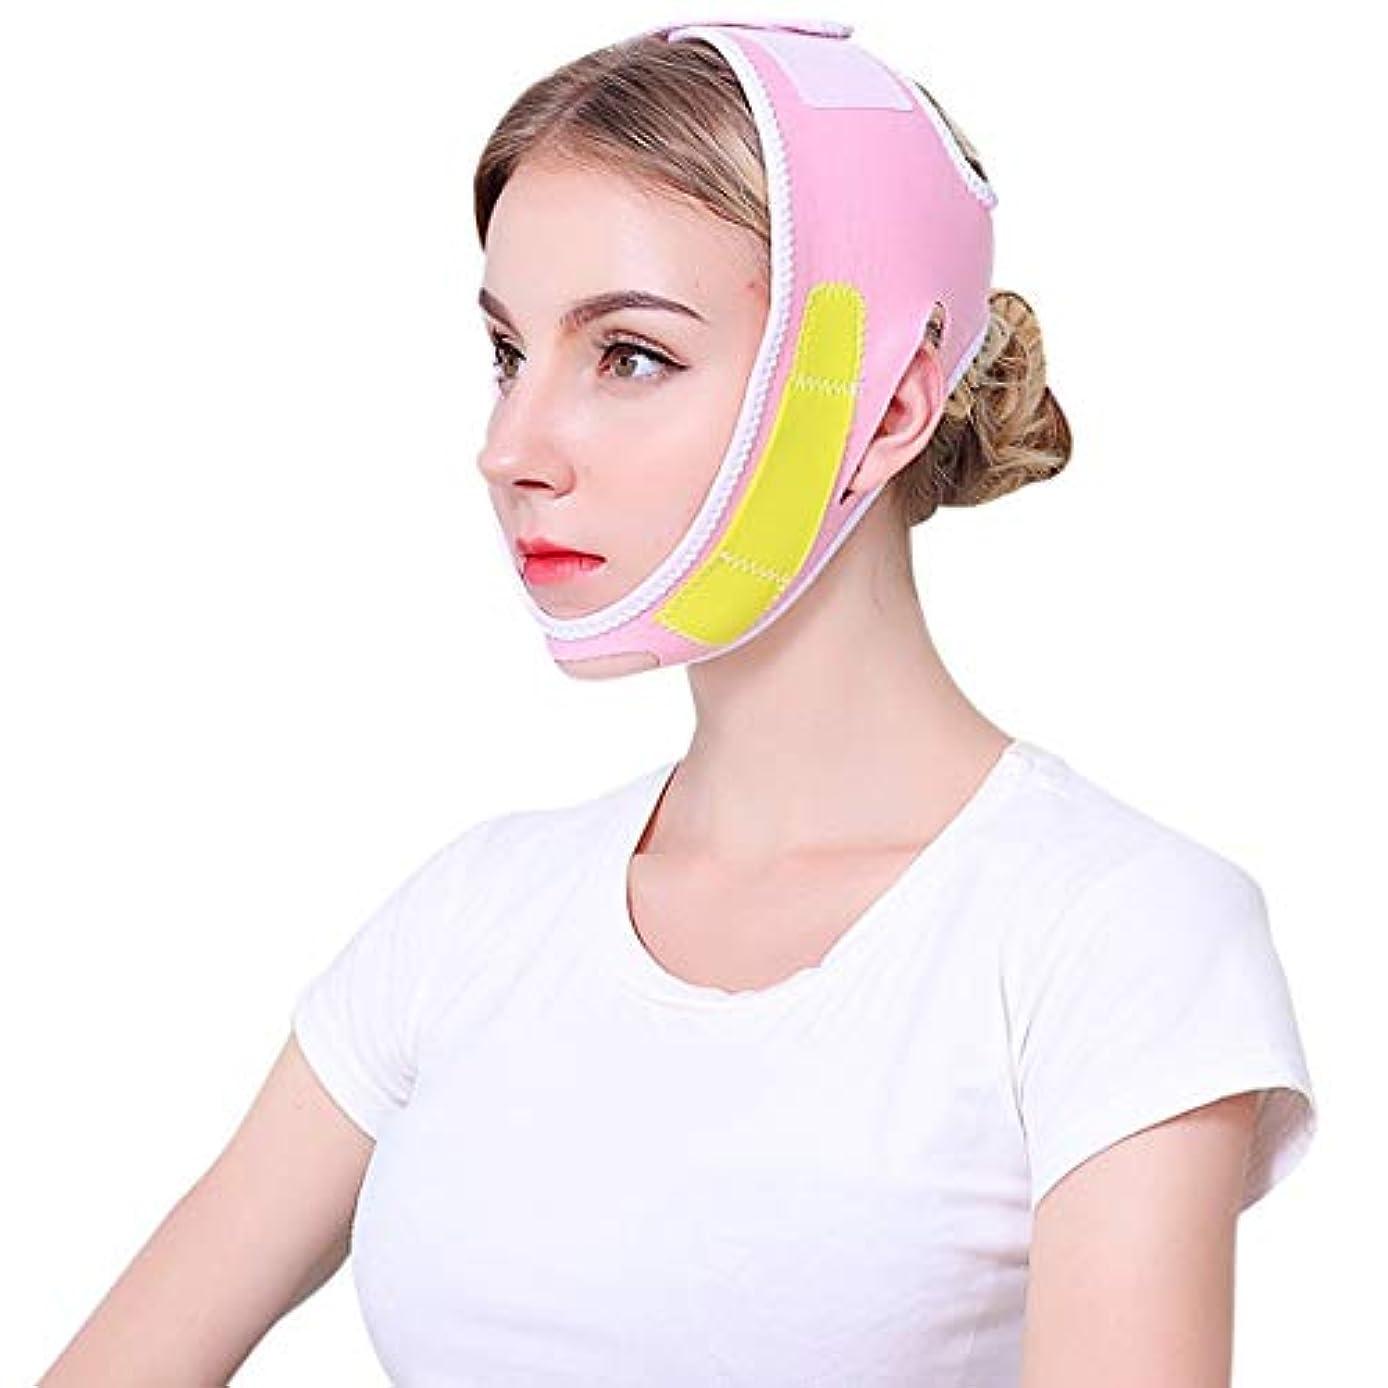 着飾る守銭奴アシュリータファーマンZWBD フェイスマスク, 薄い顔の包帯睡眠小さいv顔アーティファクトプル型二重あご線術後矯正薄い顔ステッカー